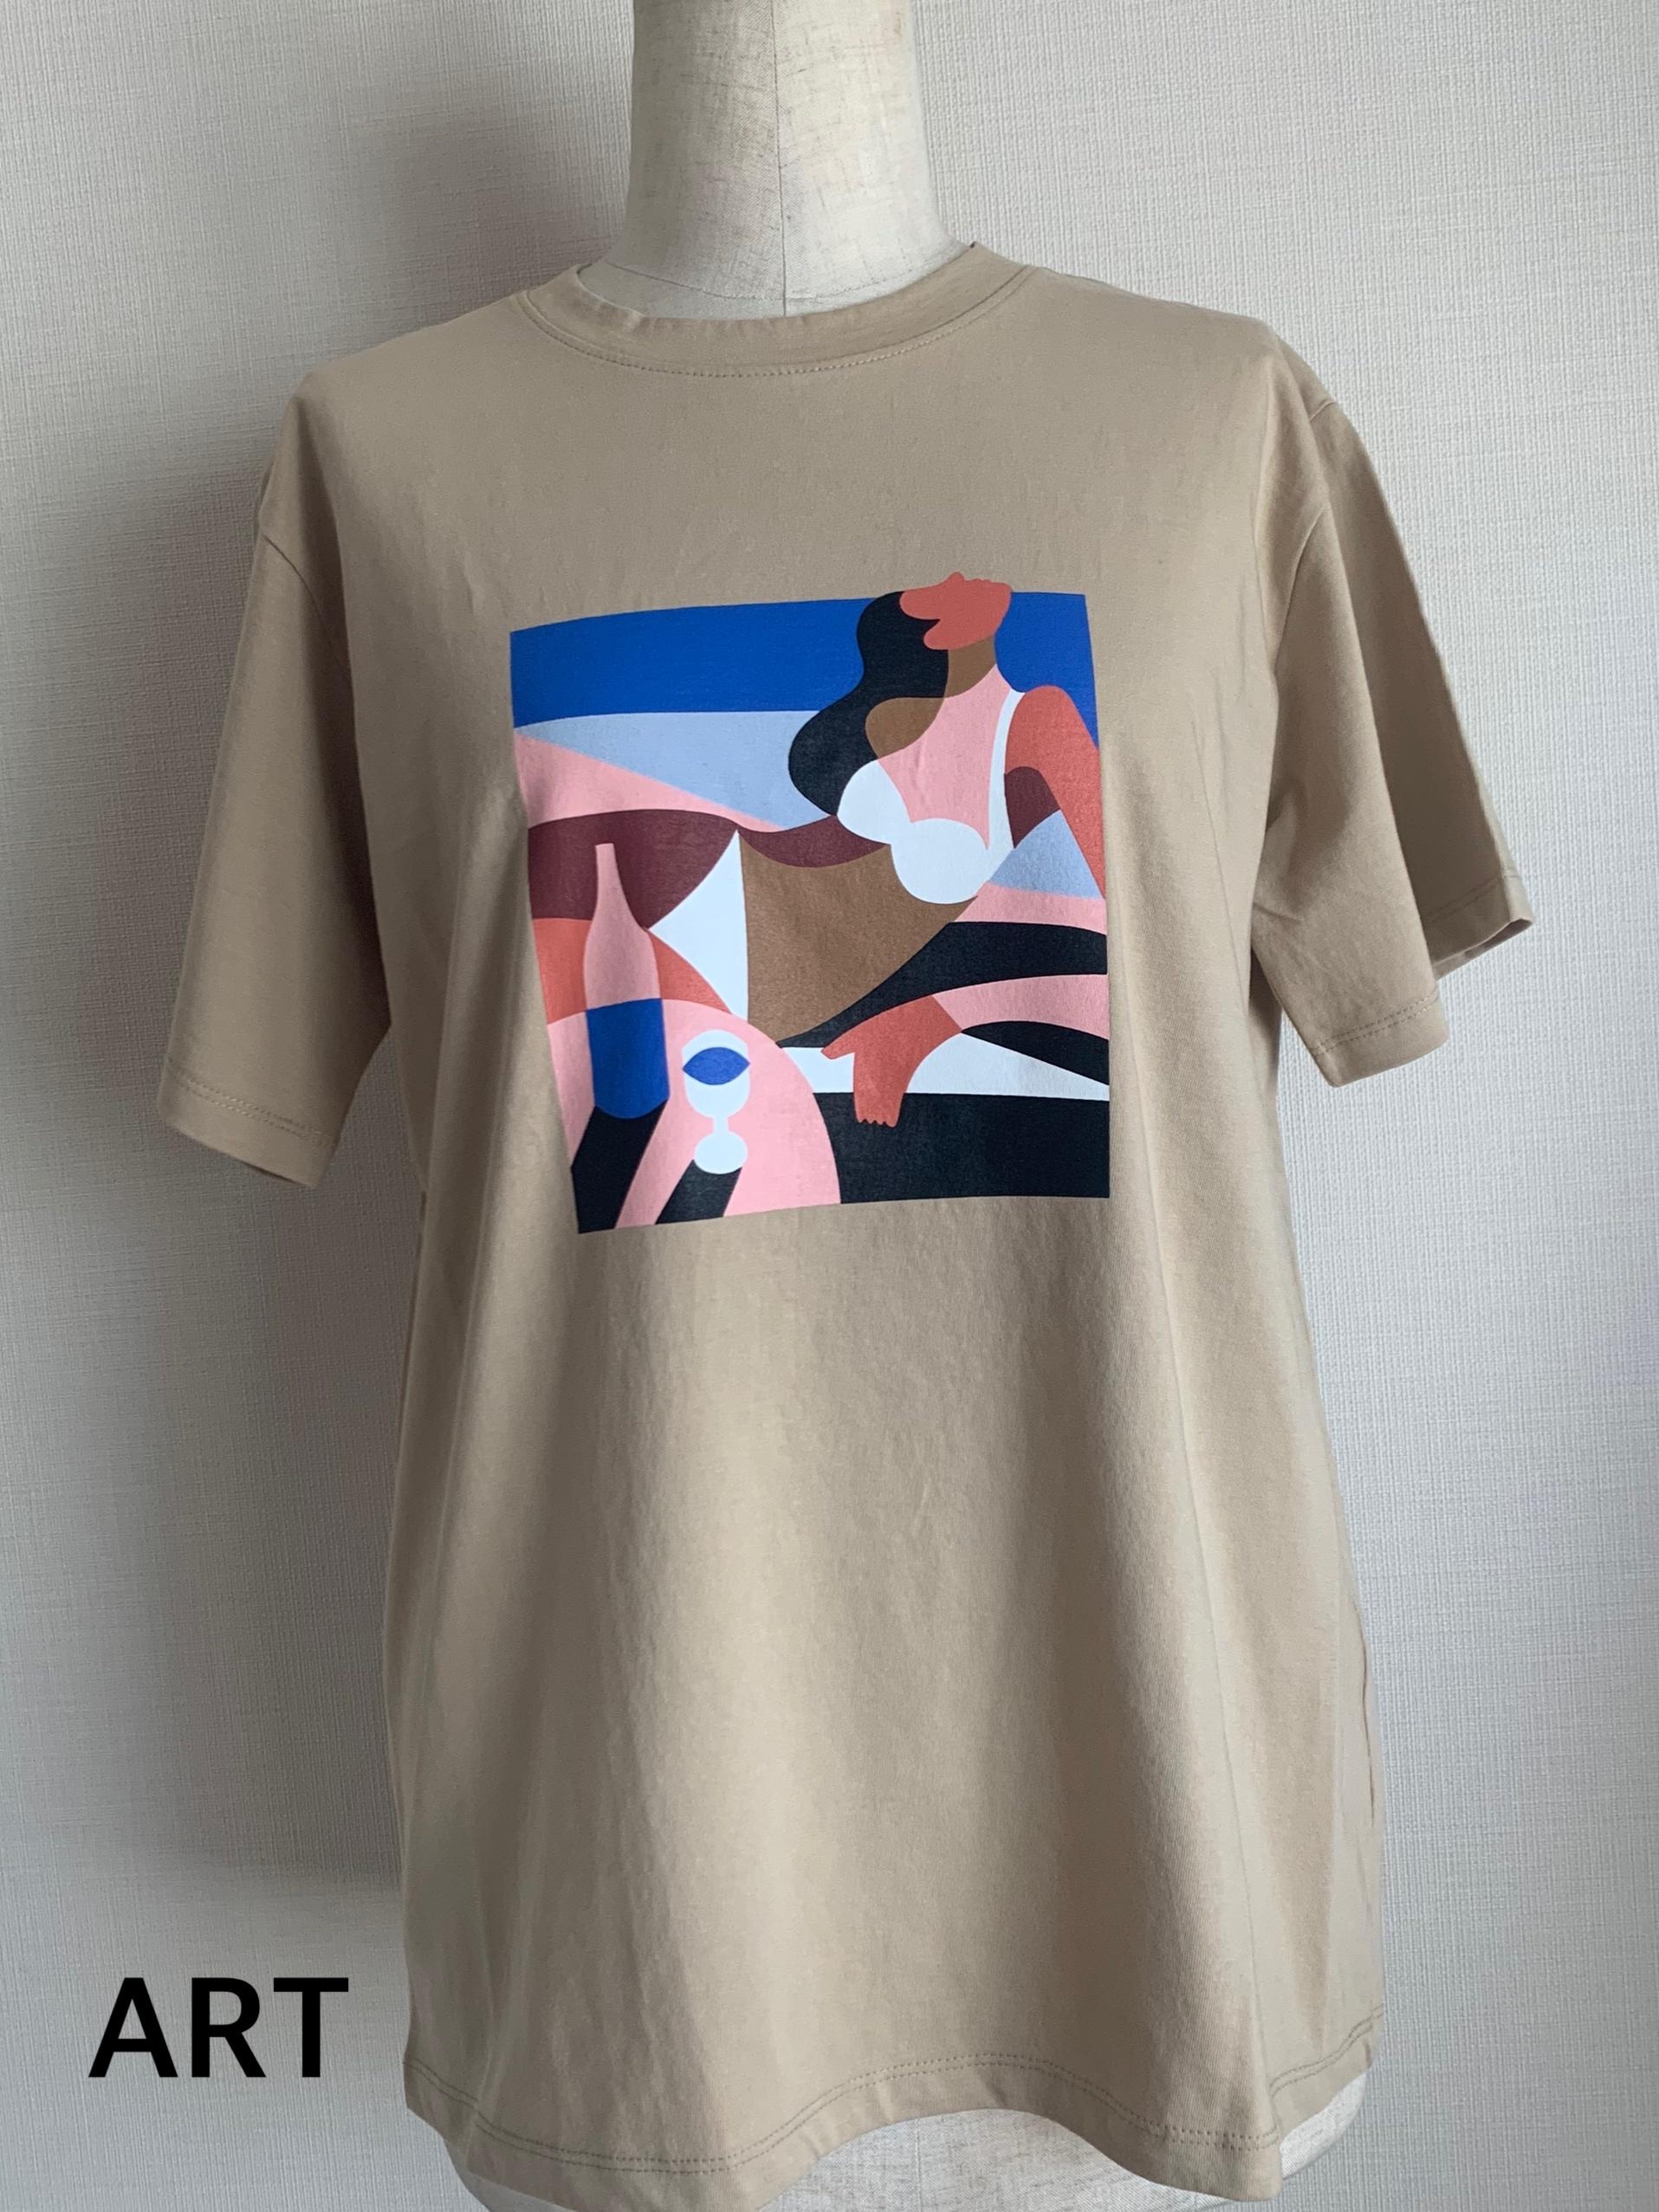 【マツミキセレクトTシャツ限定品】ART Tシャツのみ